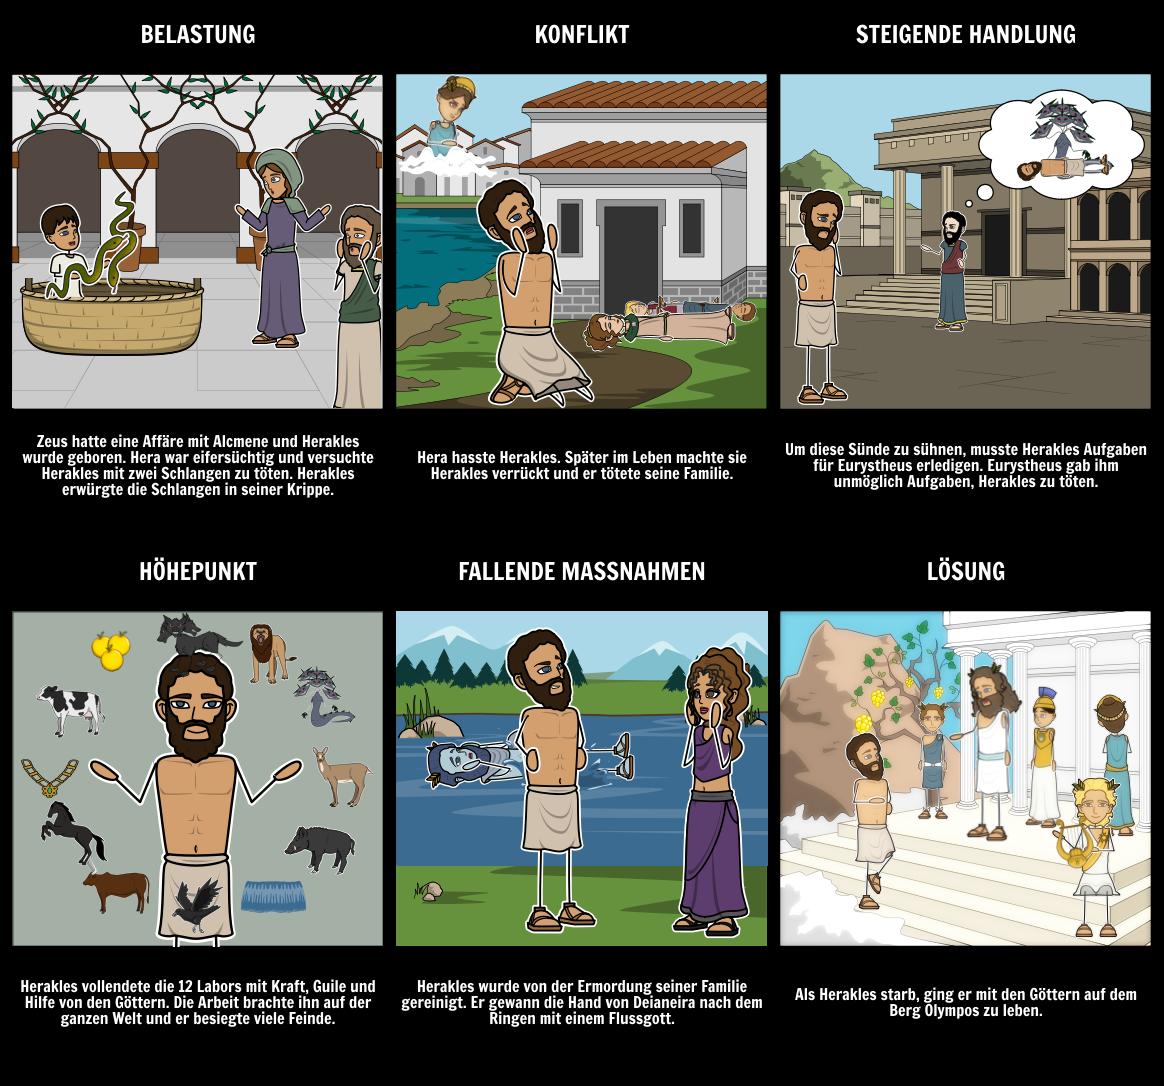 Geschichte von Herakles